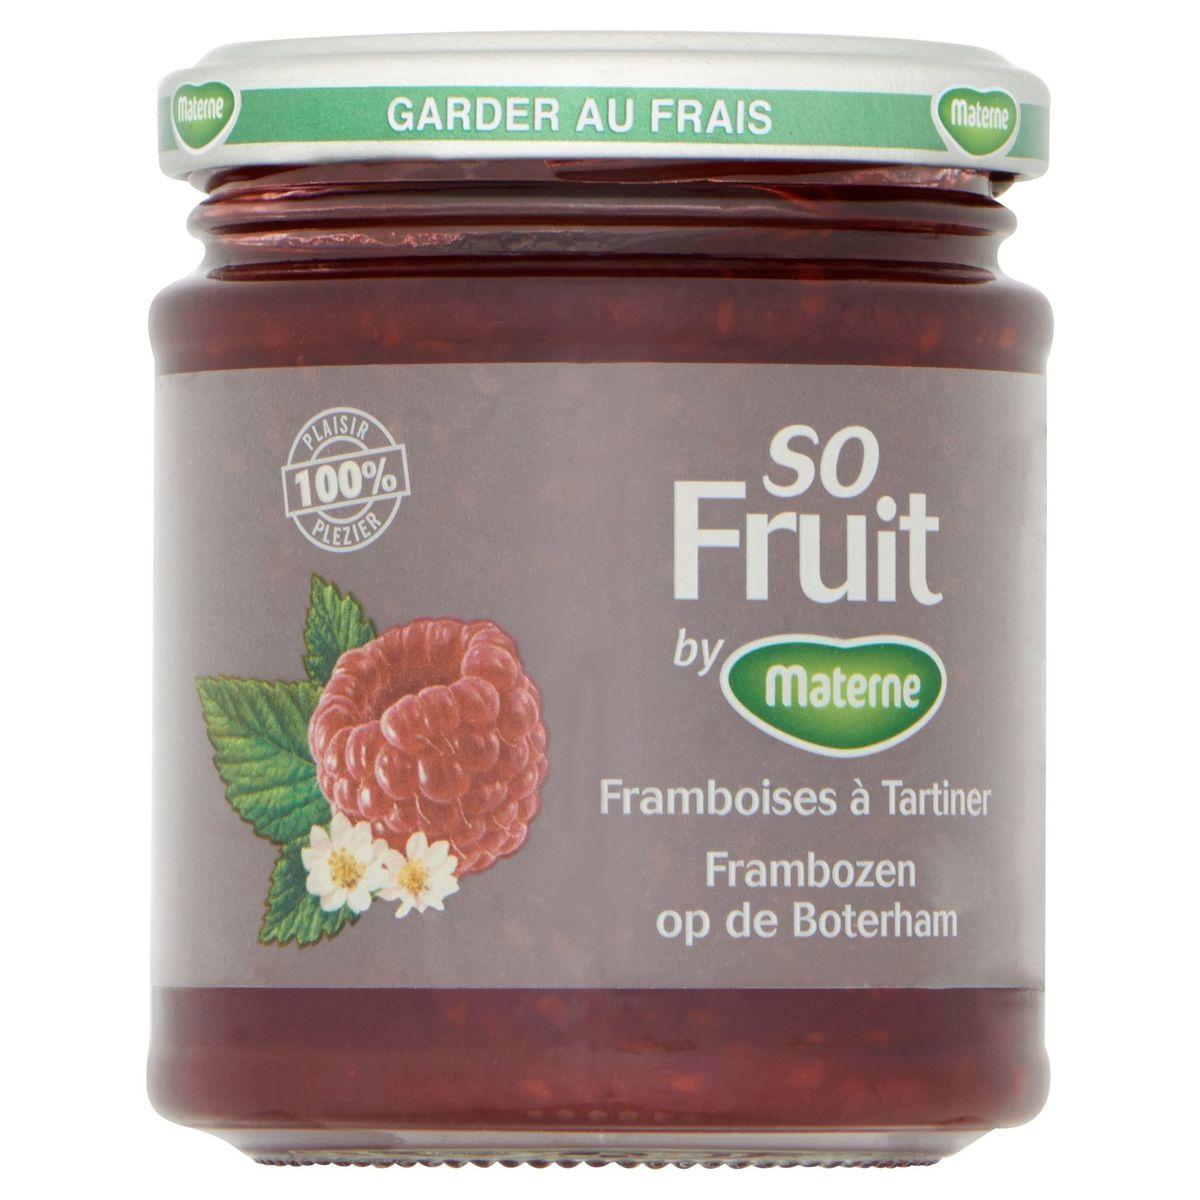 Materne So Fruit Framboises à Tartiner 215 g